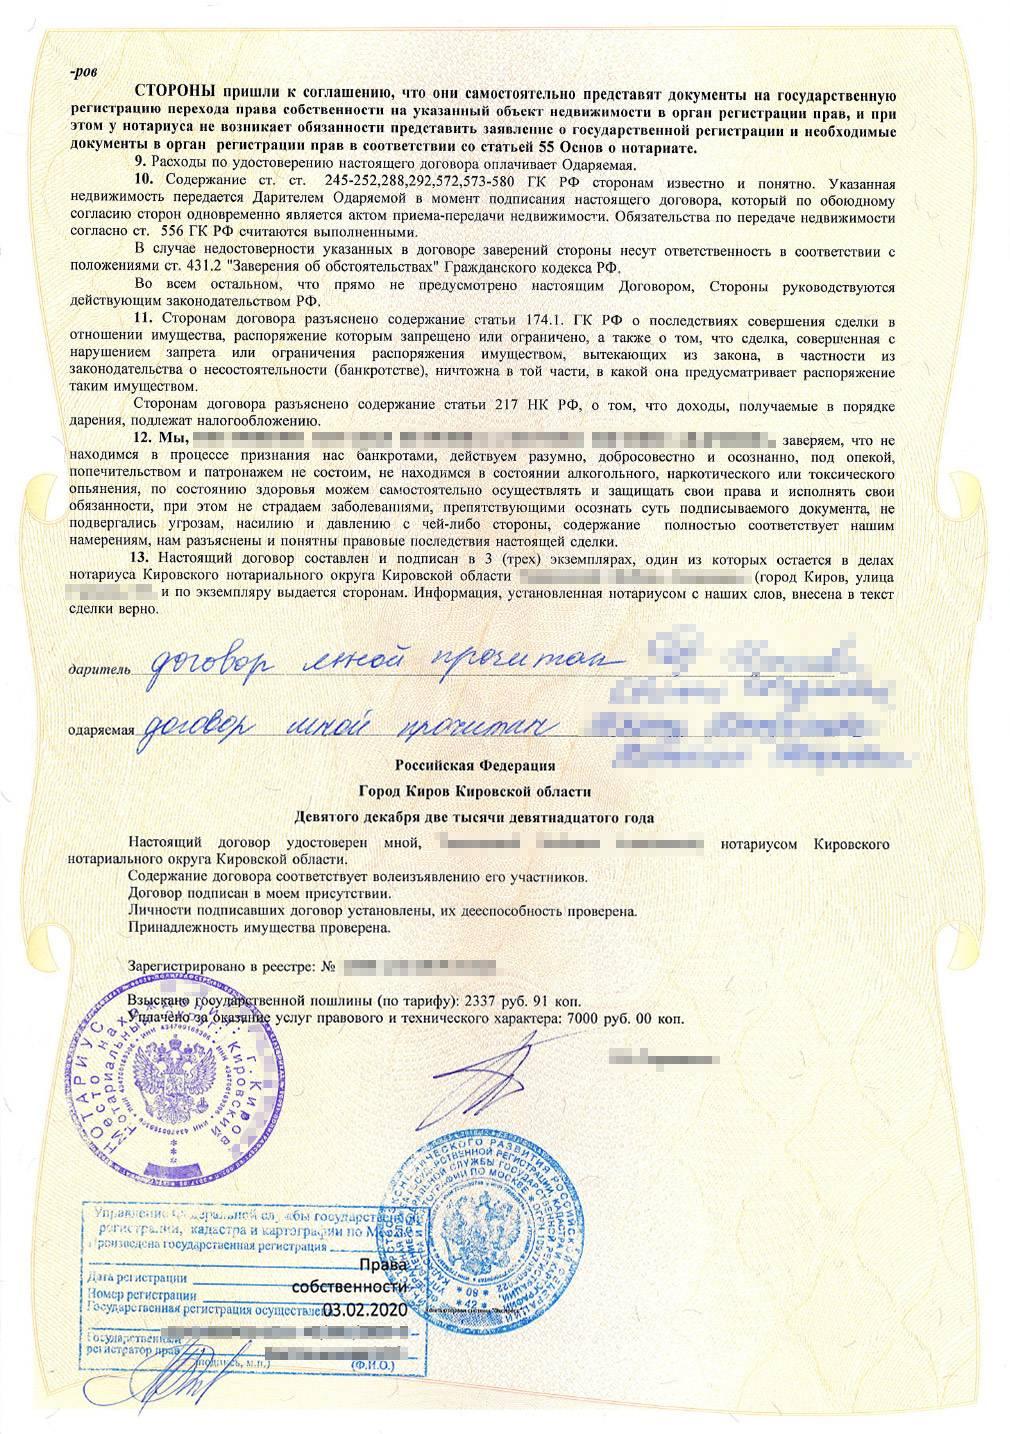 На мамином экземпляре договора в Росреестре поставили отметки о госрегистрации права собственности